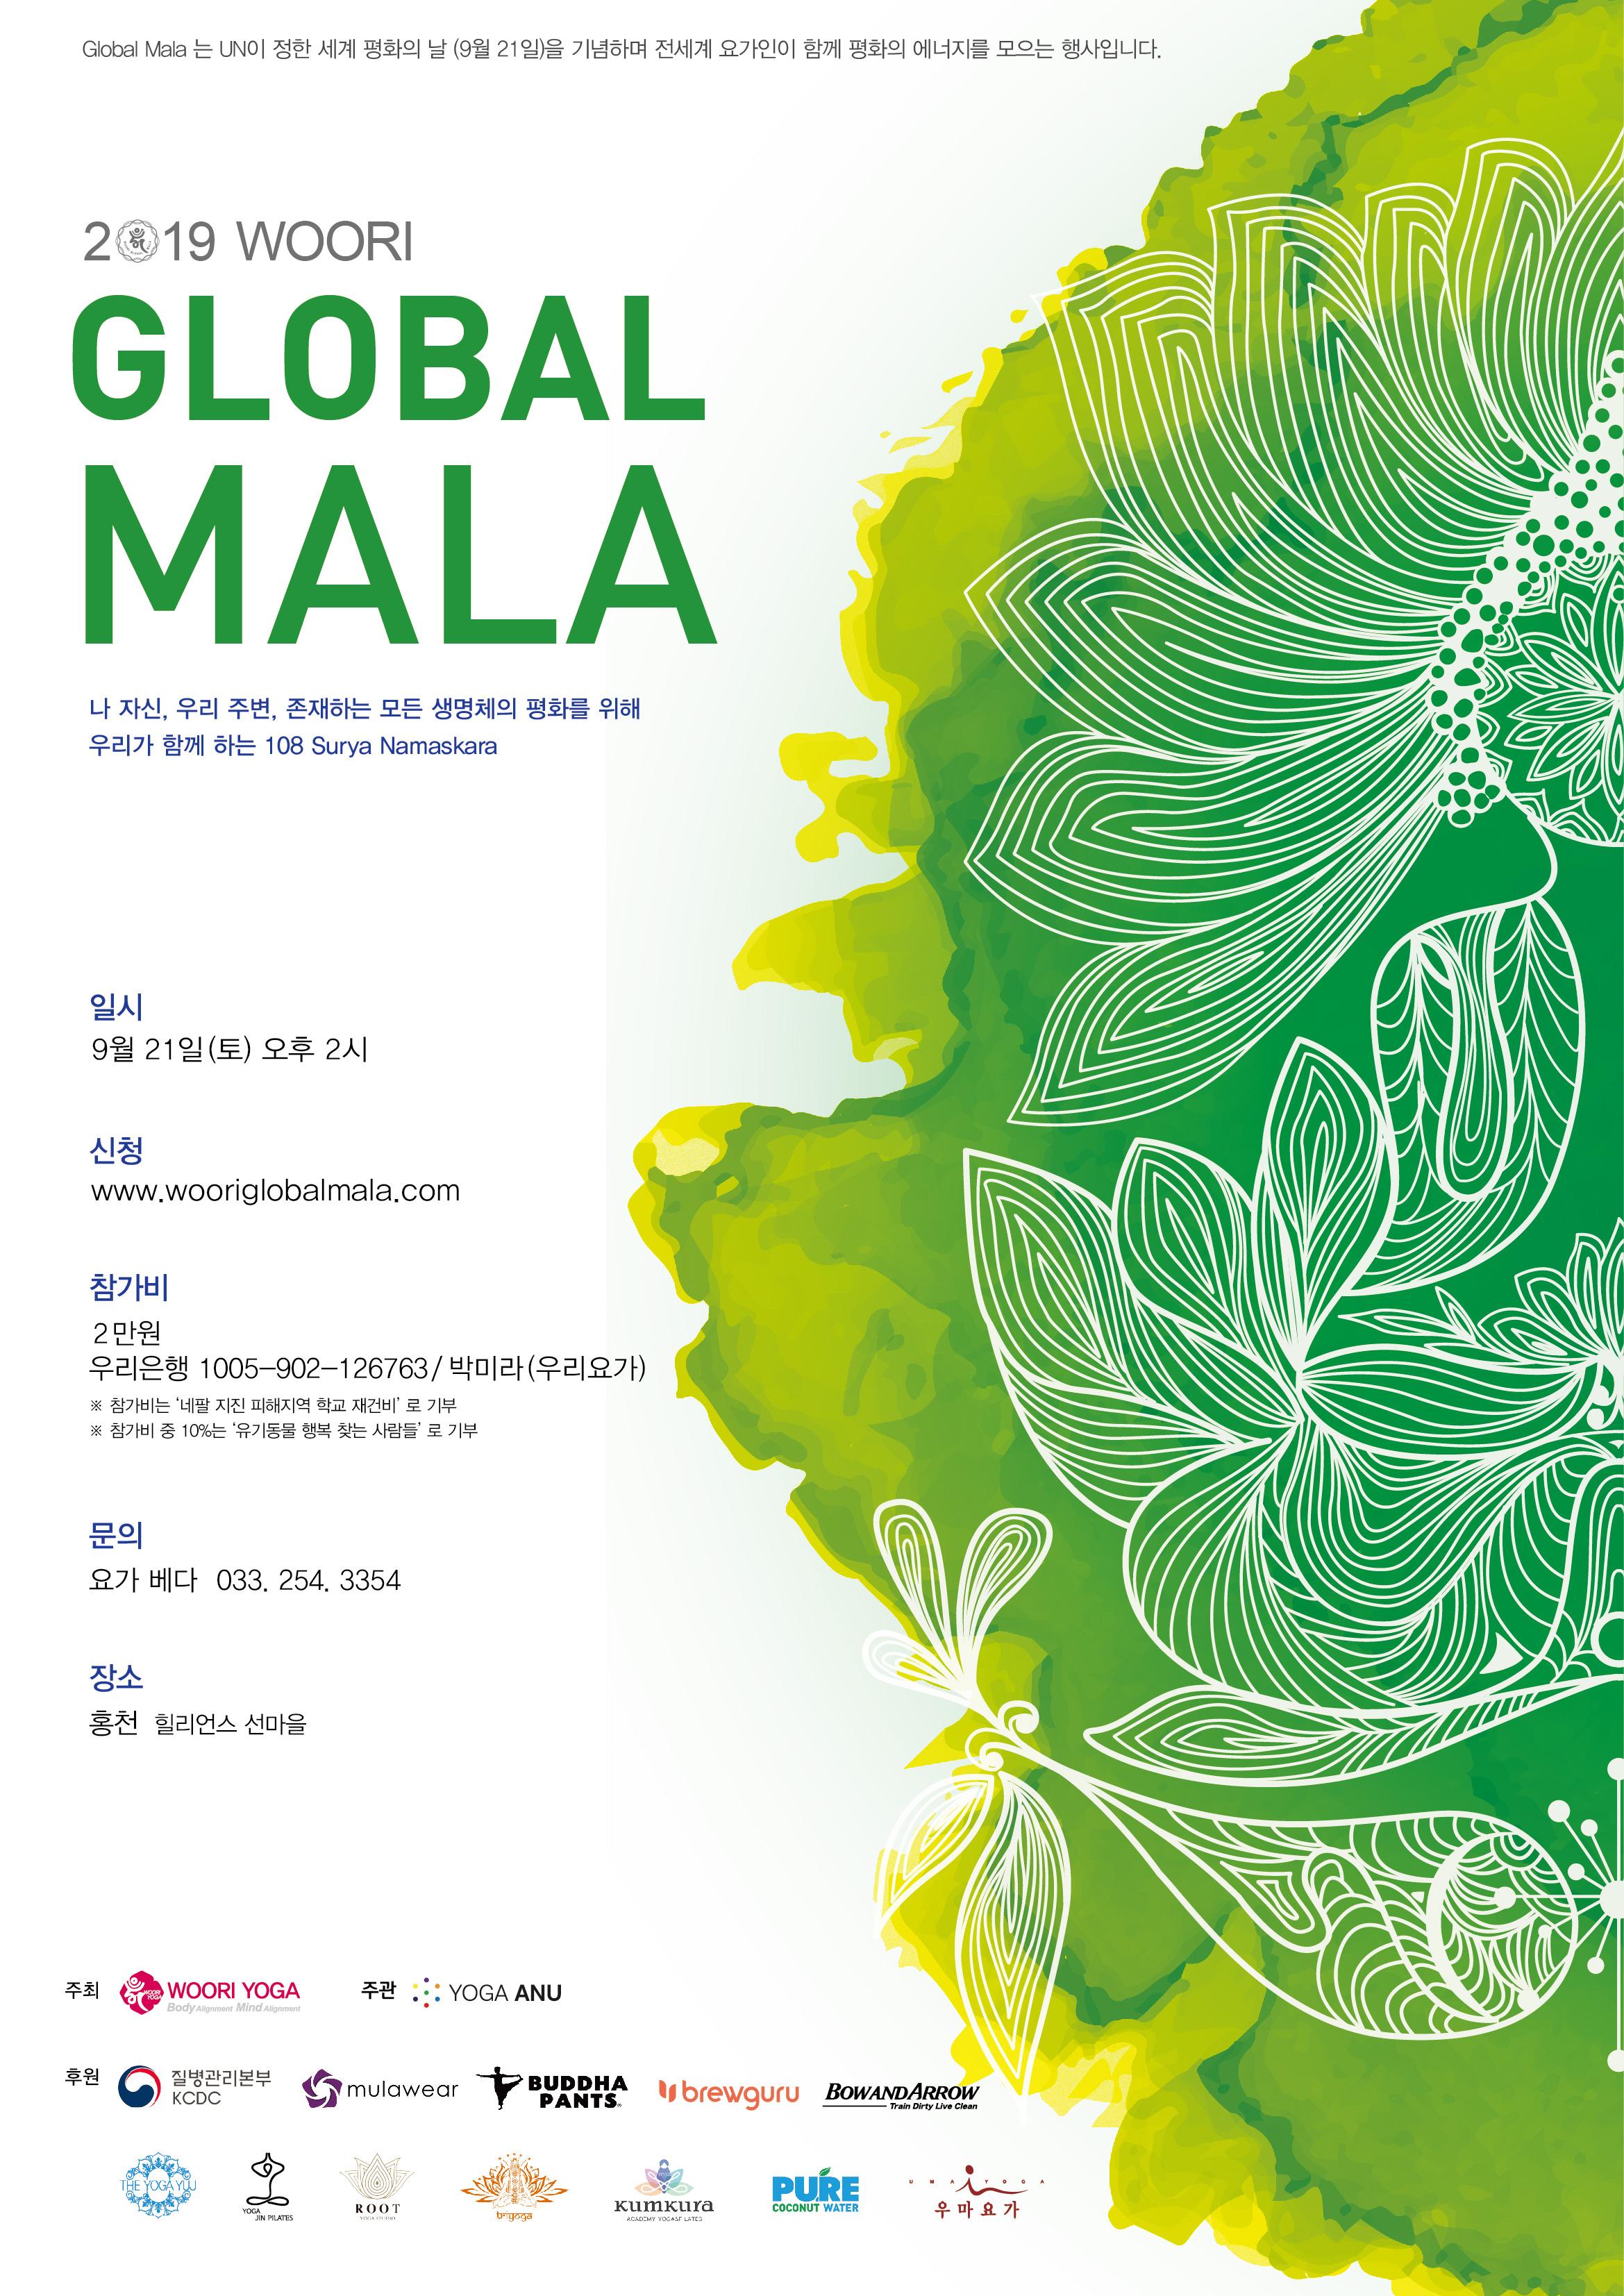 2019 우리 글로벌 말라 - 춘천.jpg